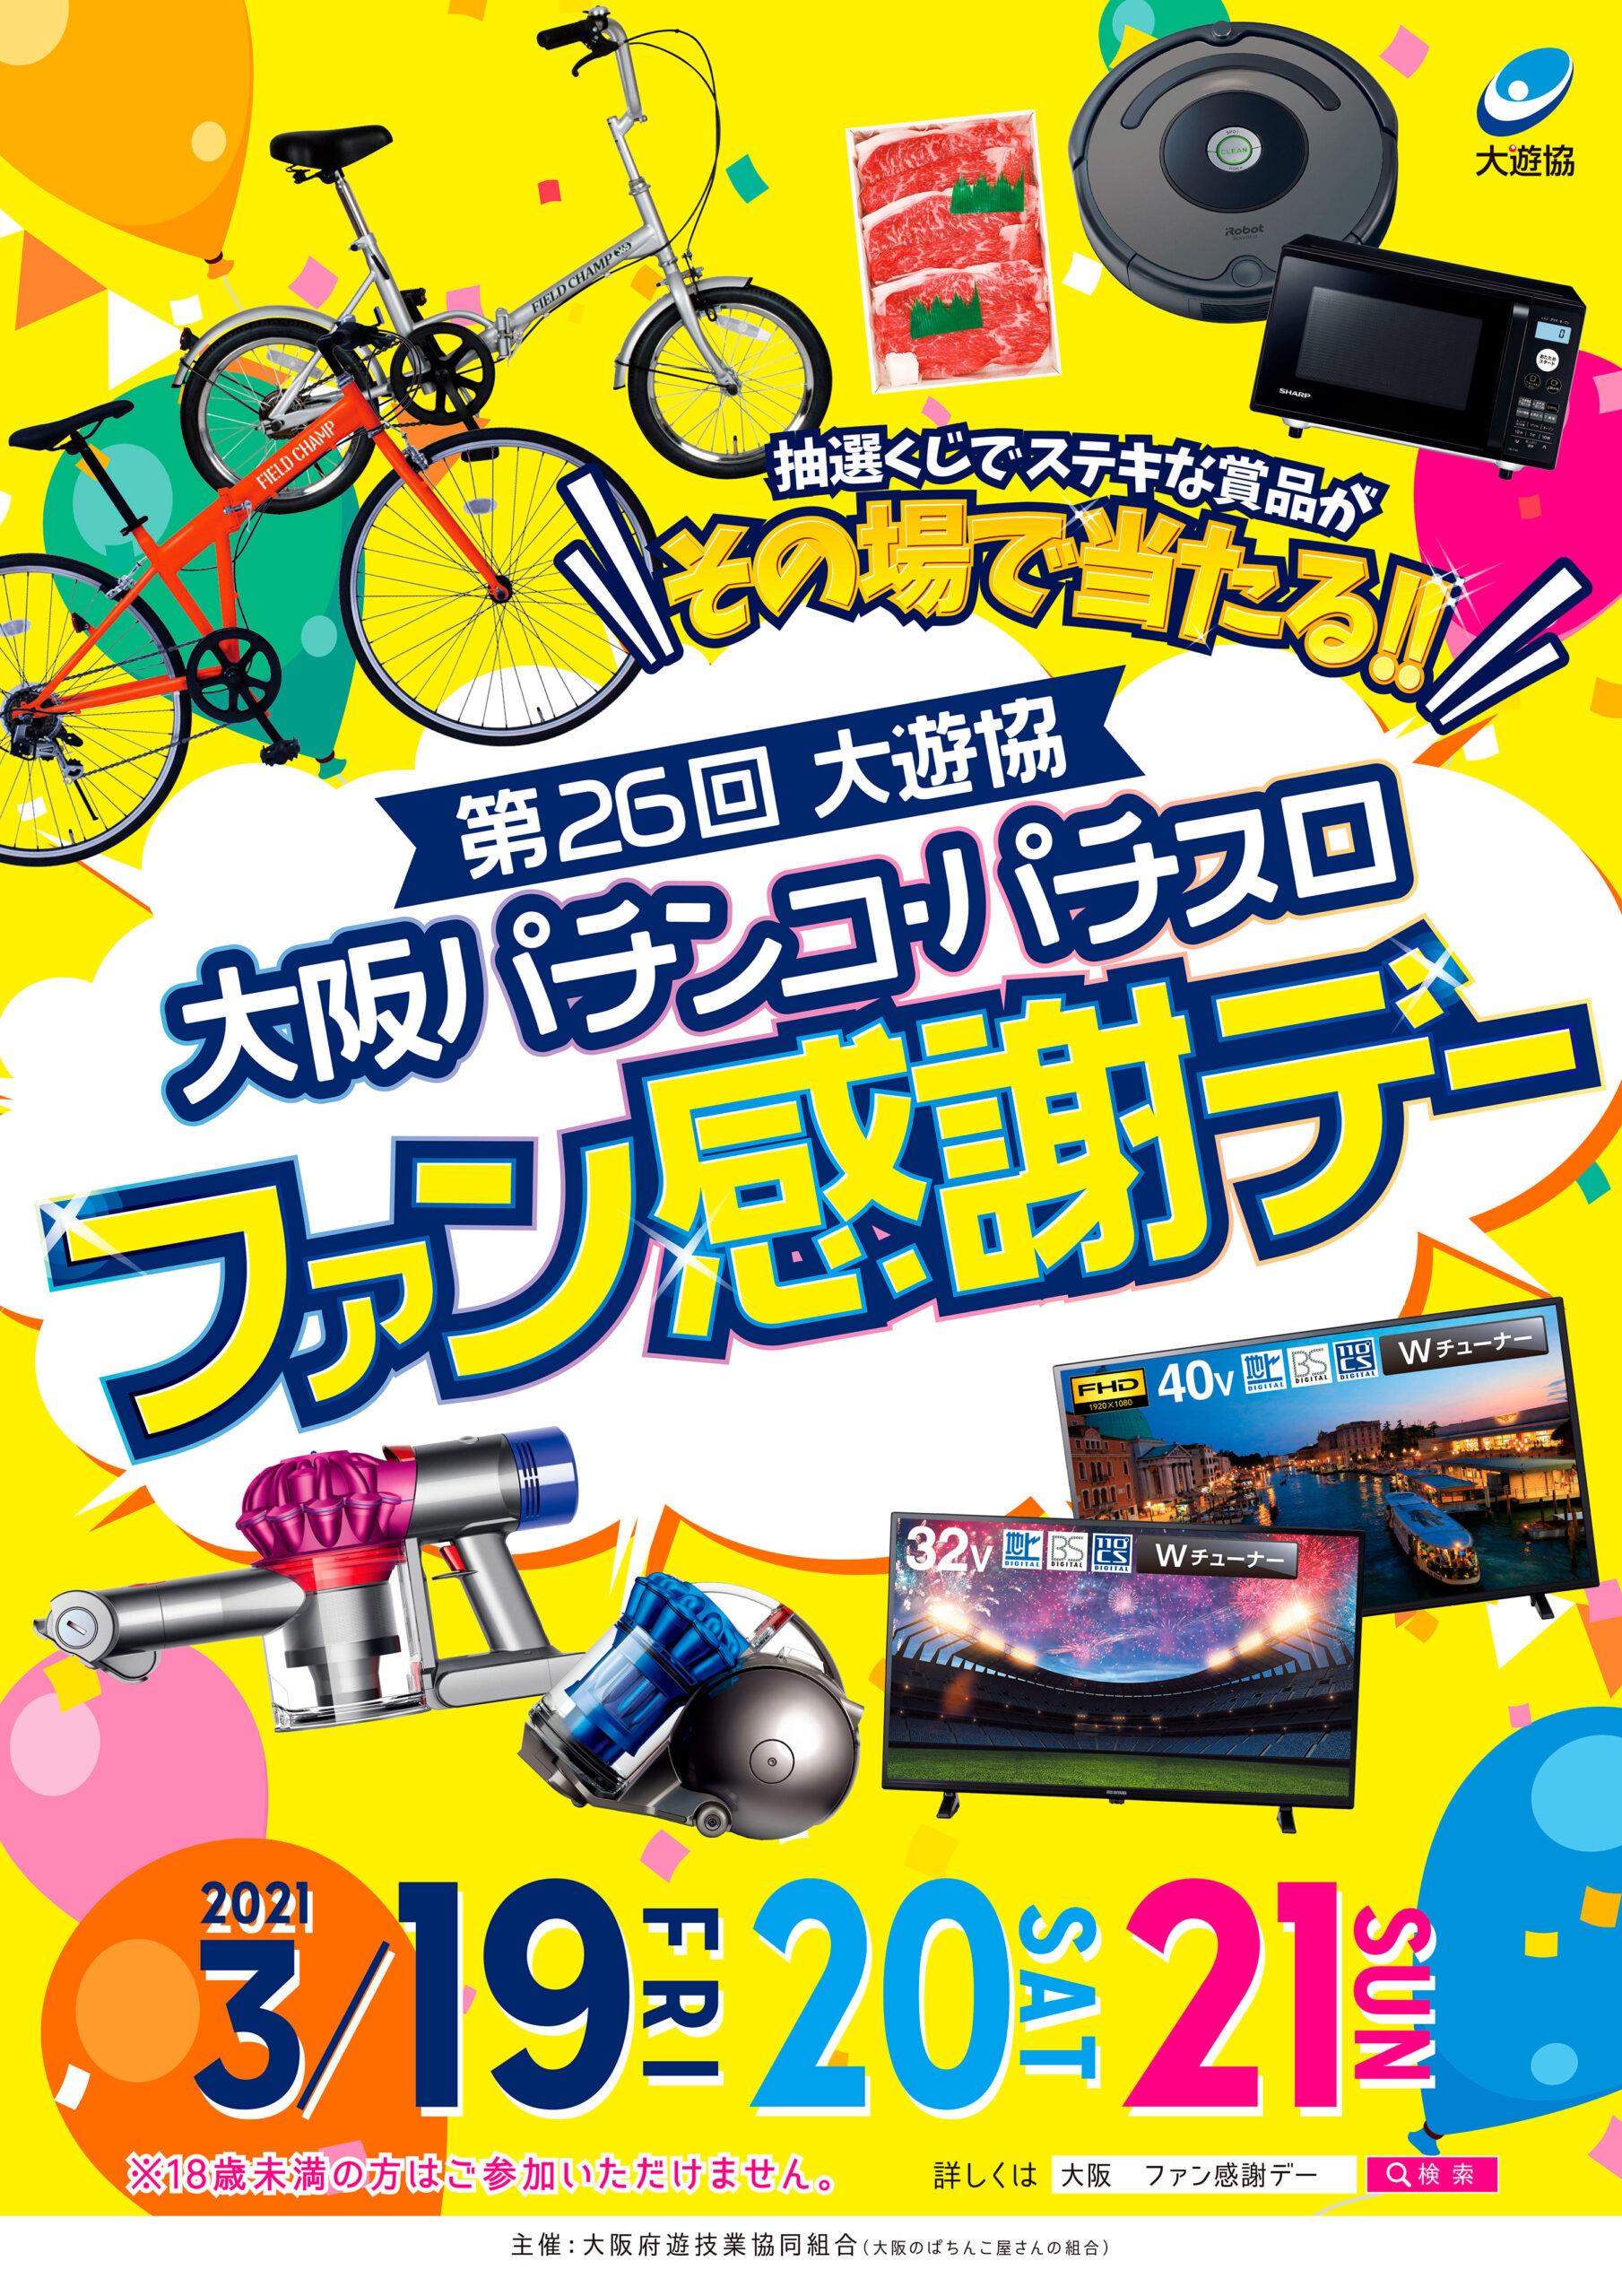 第26回大遊協 大阪パチンコ・パチスロファン感謝デーを開催